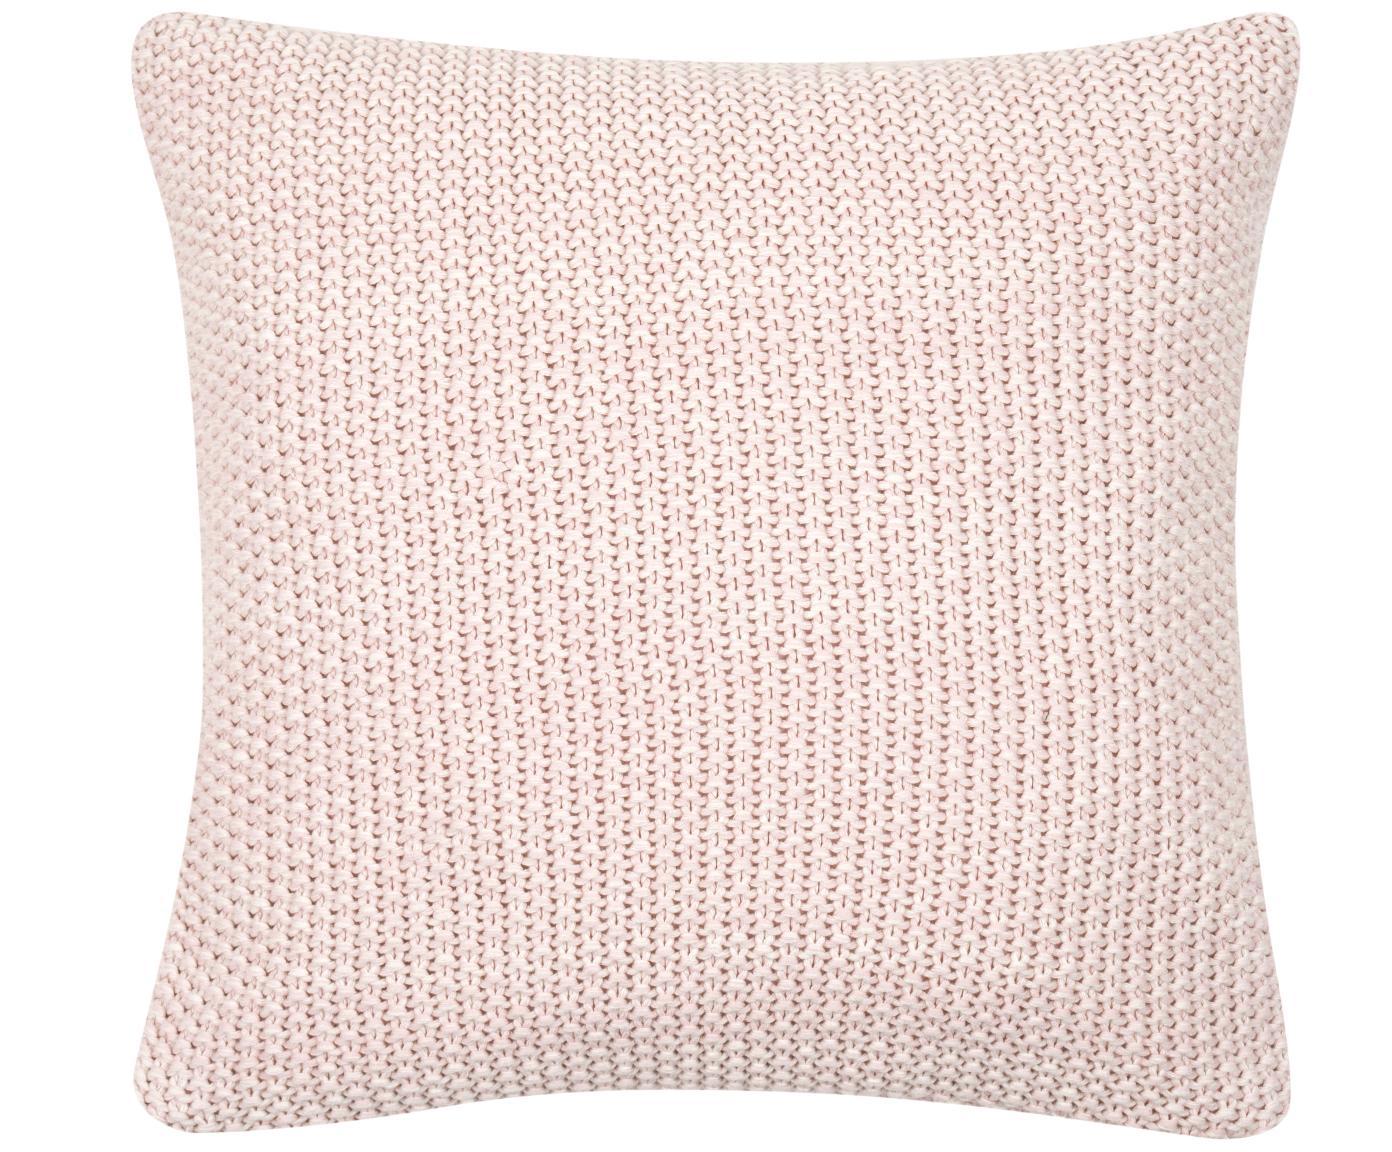 Poszewka na poduszkę z dzianiny Wilma, 100% bawełna, Różowy, melanżowy, S 40 x D 40 cm